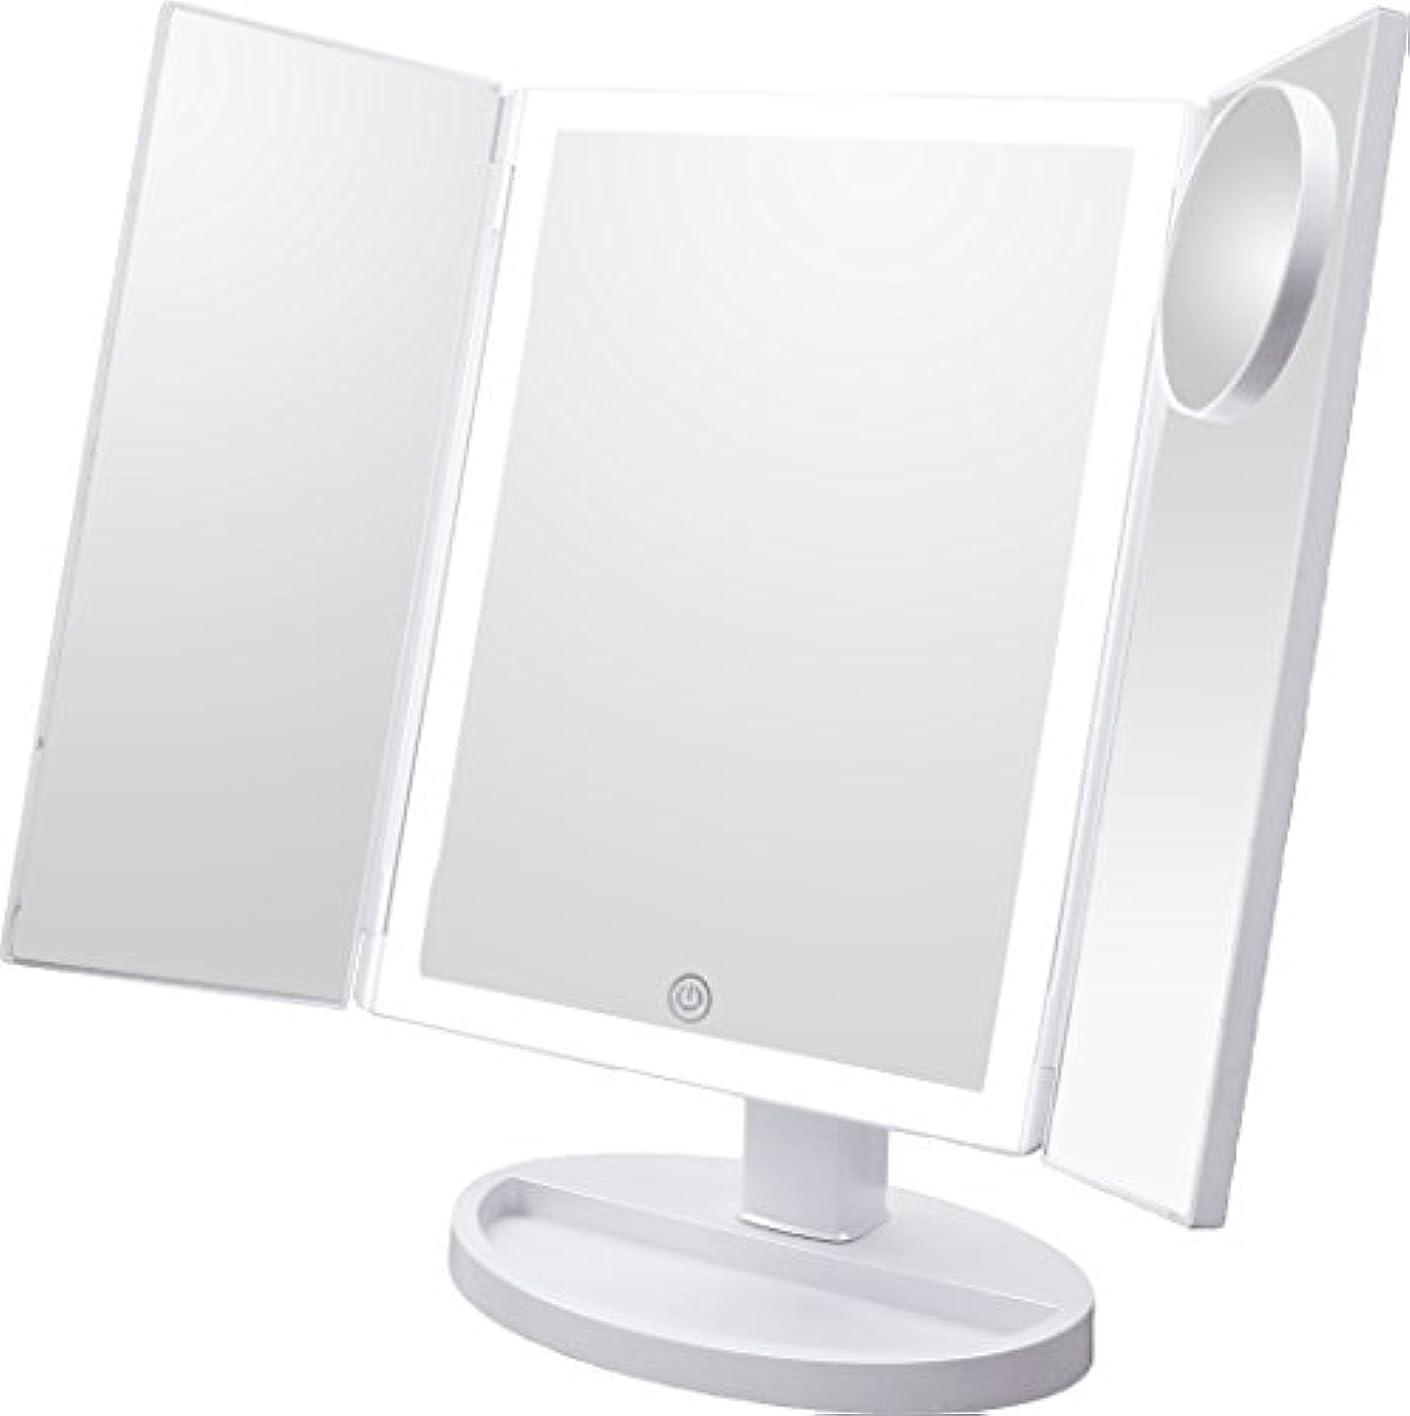 未満デジタル自殺LEDミラー LEDバー 3面鏡 10倍拡大鏡付き 女優ミラー メイクミラー ブライトミラー 卓上ミラー スタンドミラー (ホワイト)